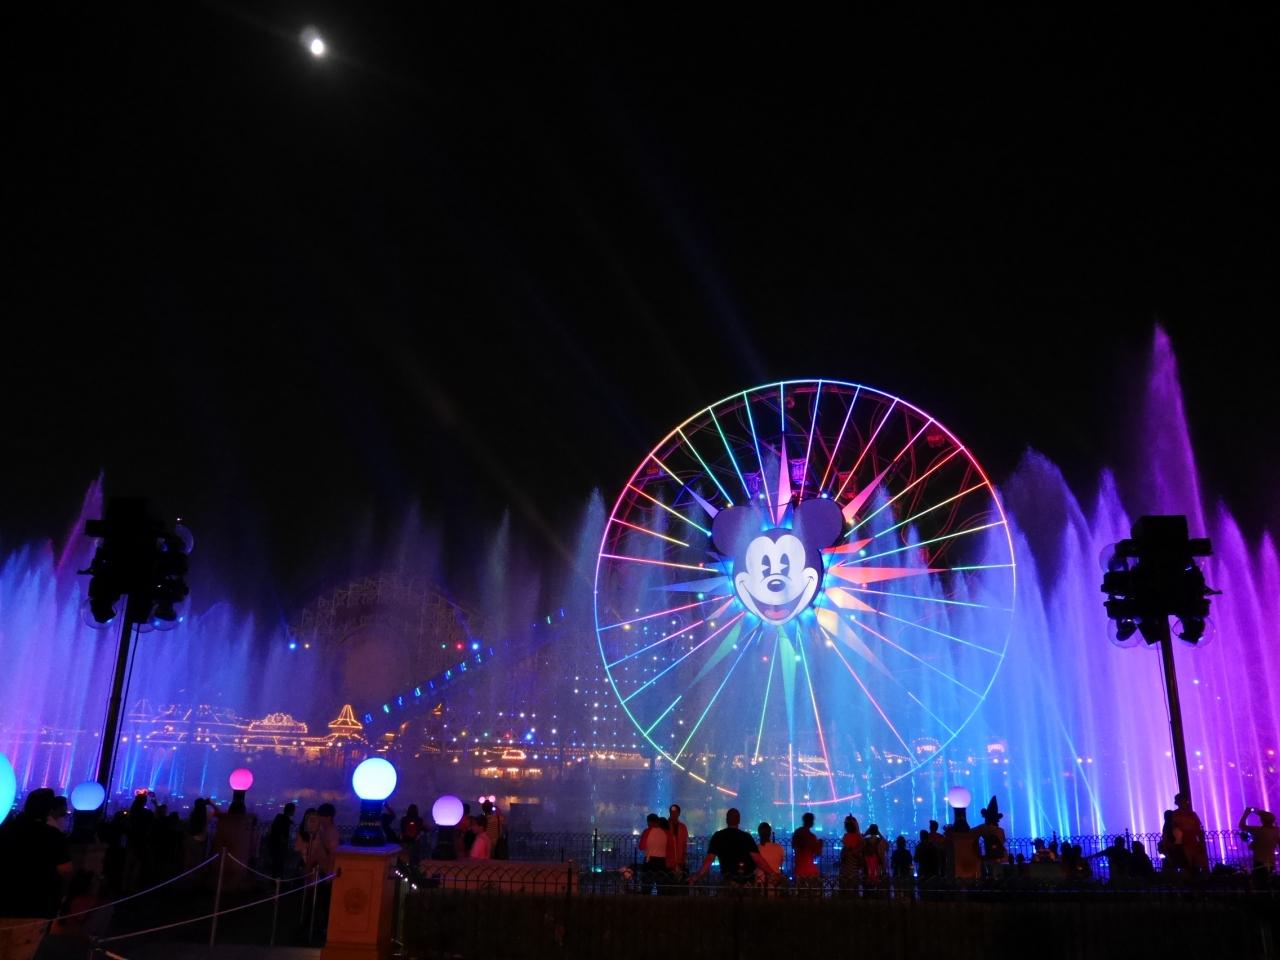 60周年のカリフォルニアディズニー・リゾートへ☆6 〜カリフォルニア